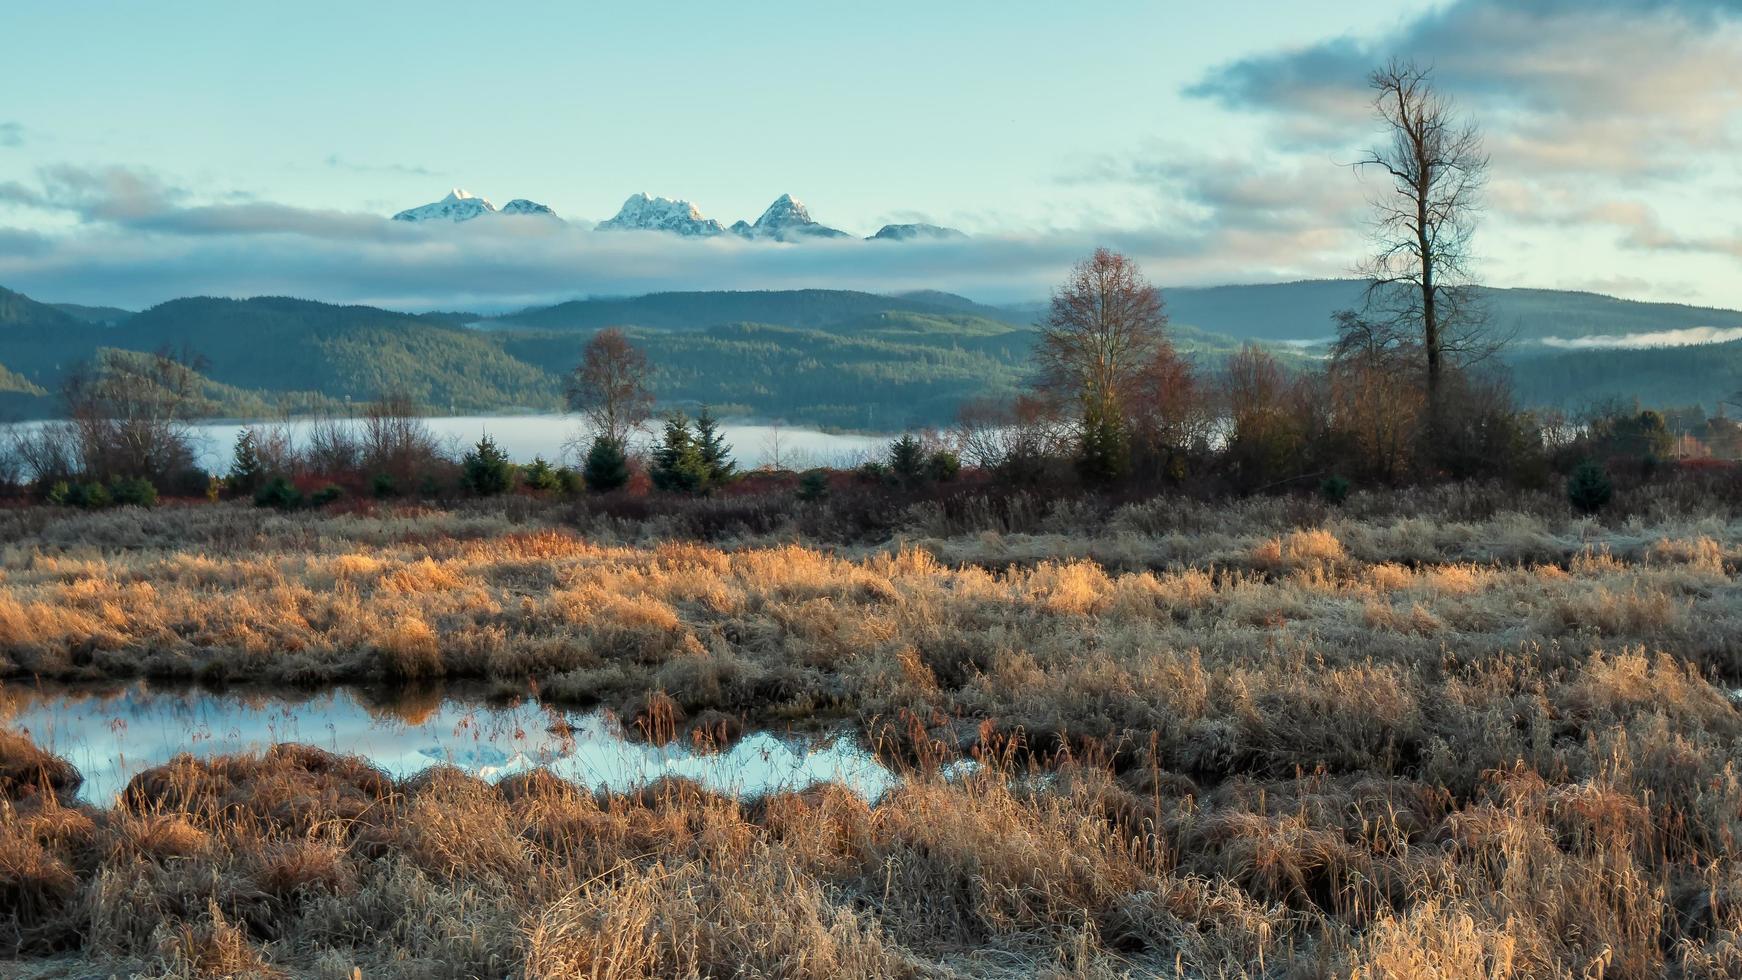 campo de grama marrom perto do lago e montanha sob o céu azul foto